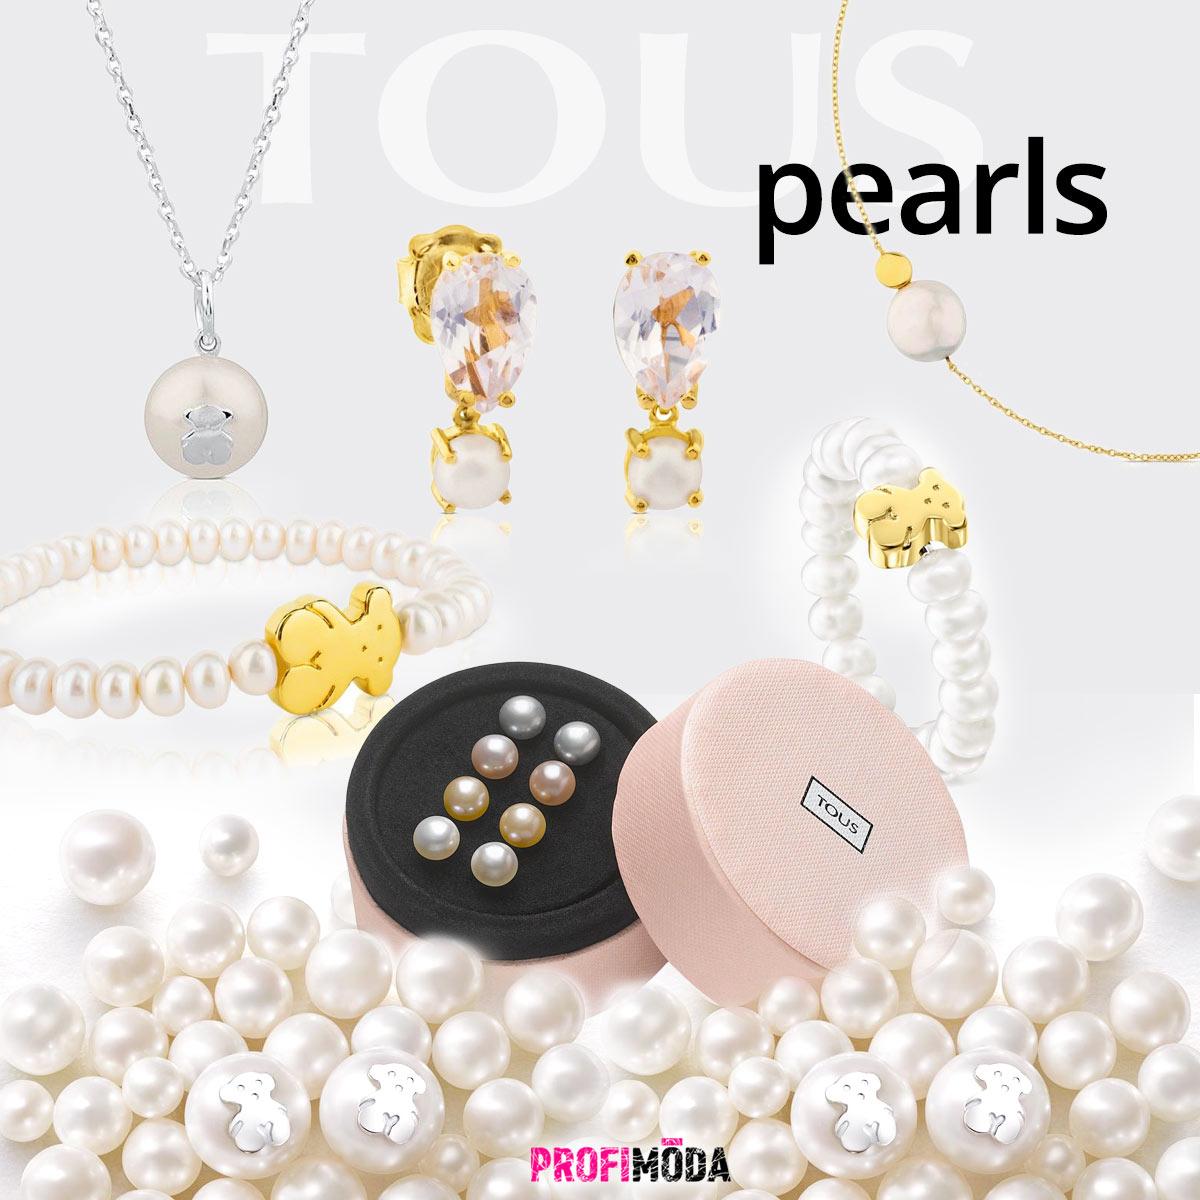 Každá žena by měla vlastnit perly. Základem jsou perlové náušnice. Později je můžete doplnit o další šperky s perlami. (Obrázek: Perlové šperky Tous)